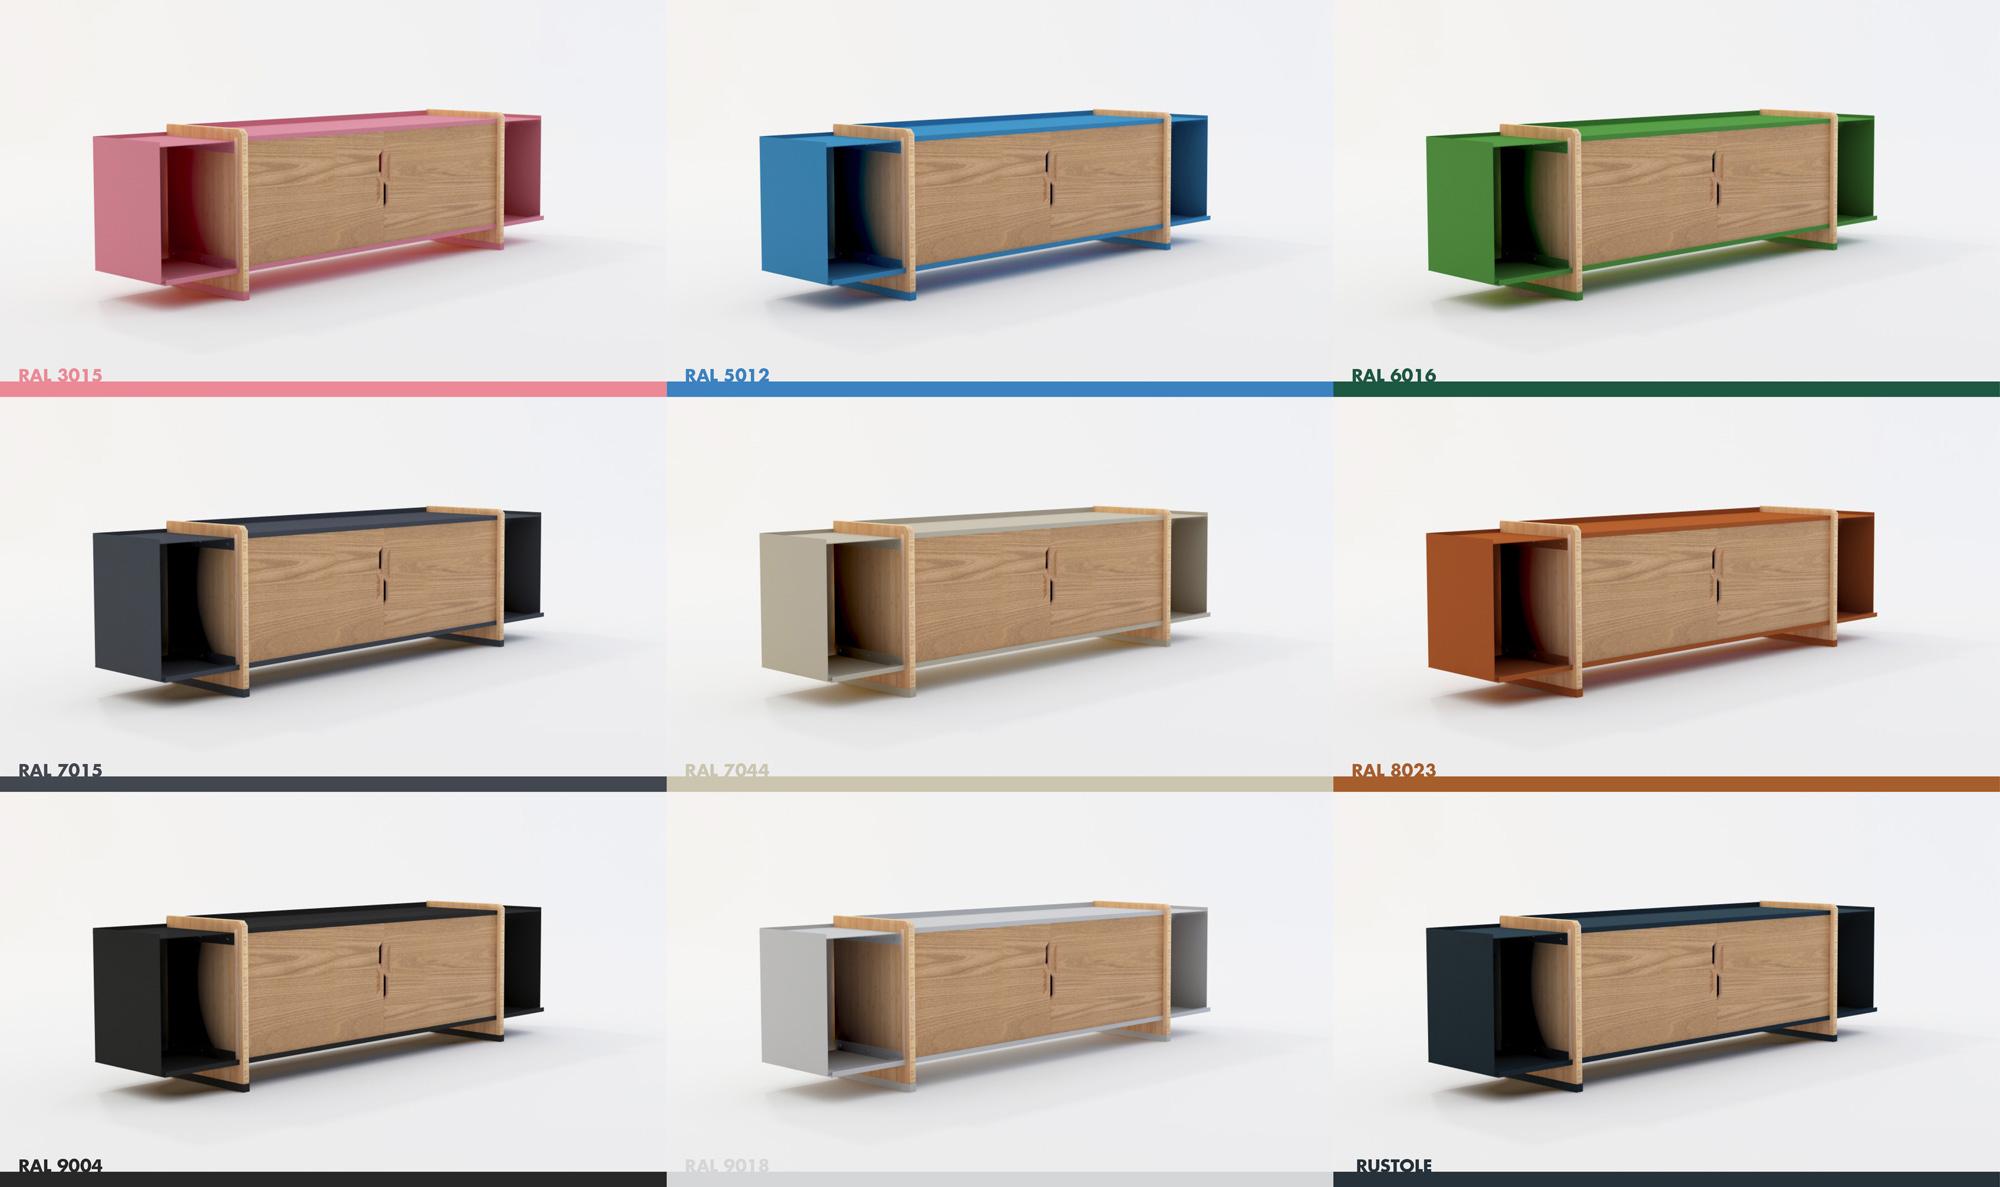 commode x commode basse baru design. Black Bedroom Furniture Sets. Home Design Ideas